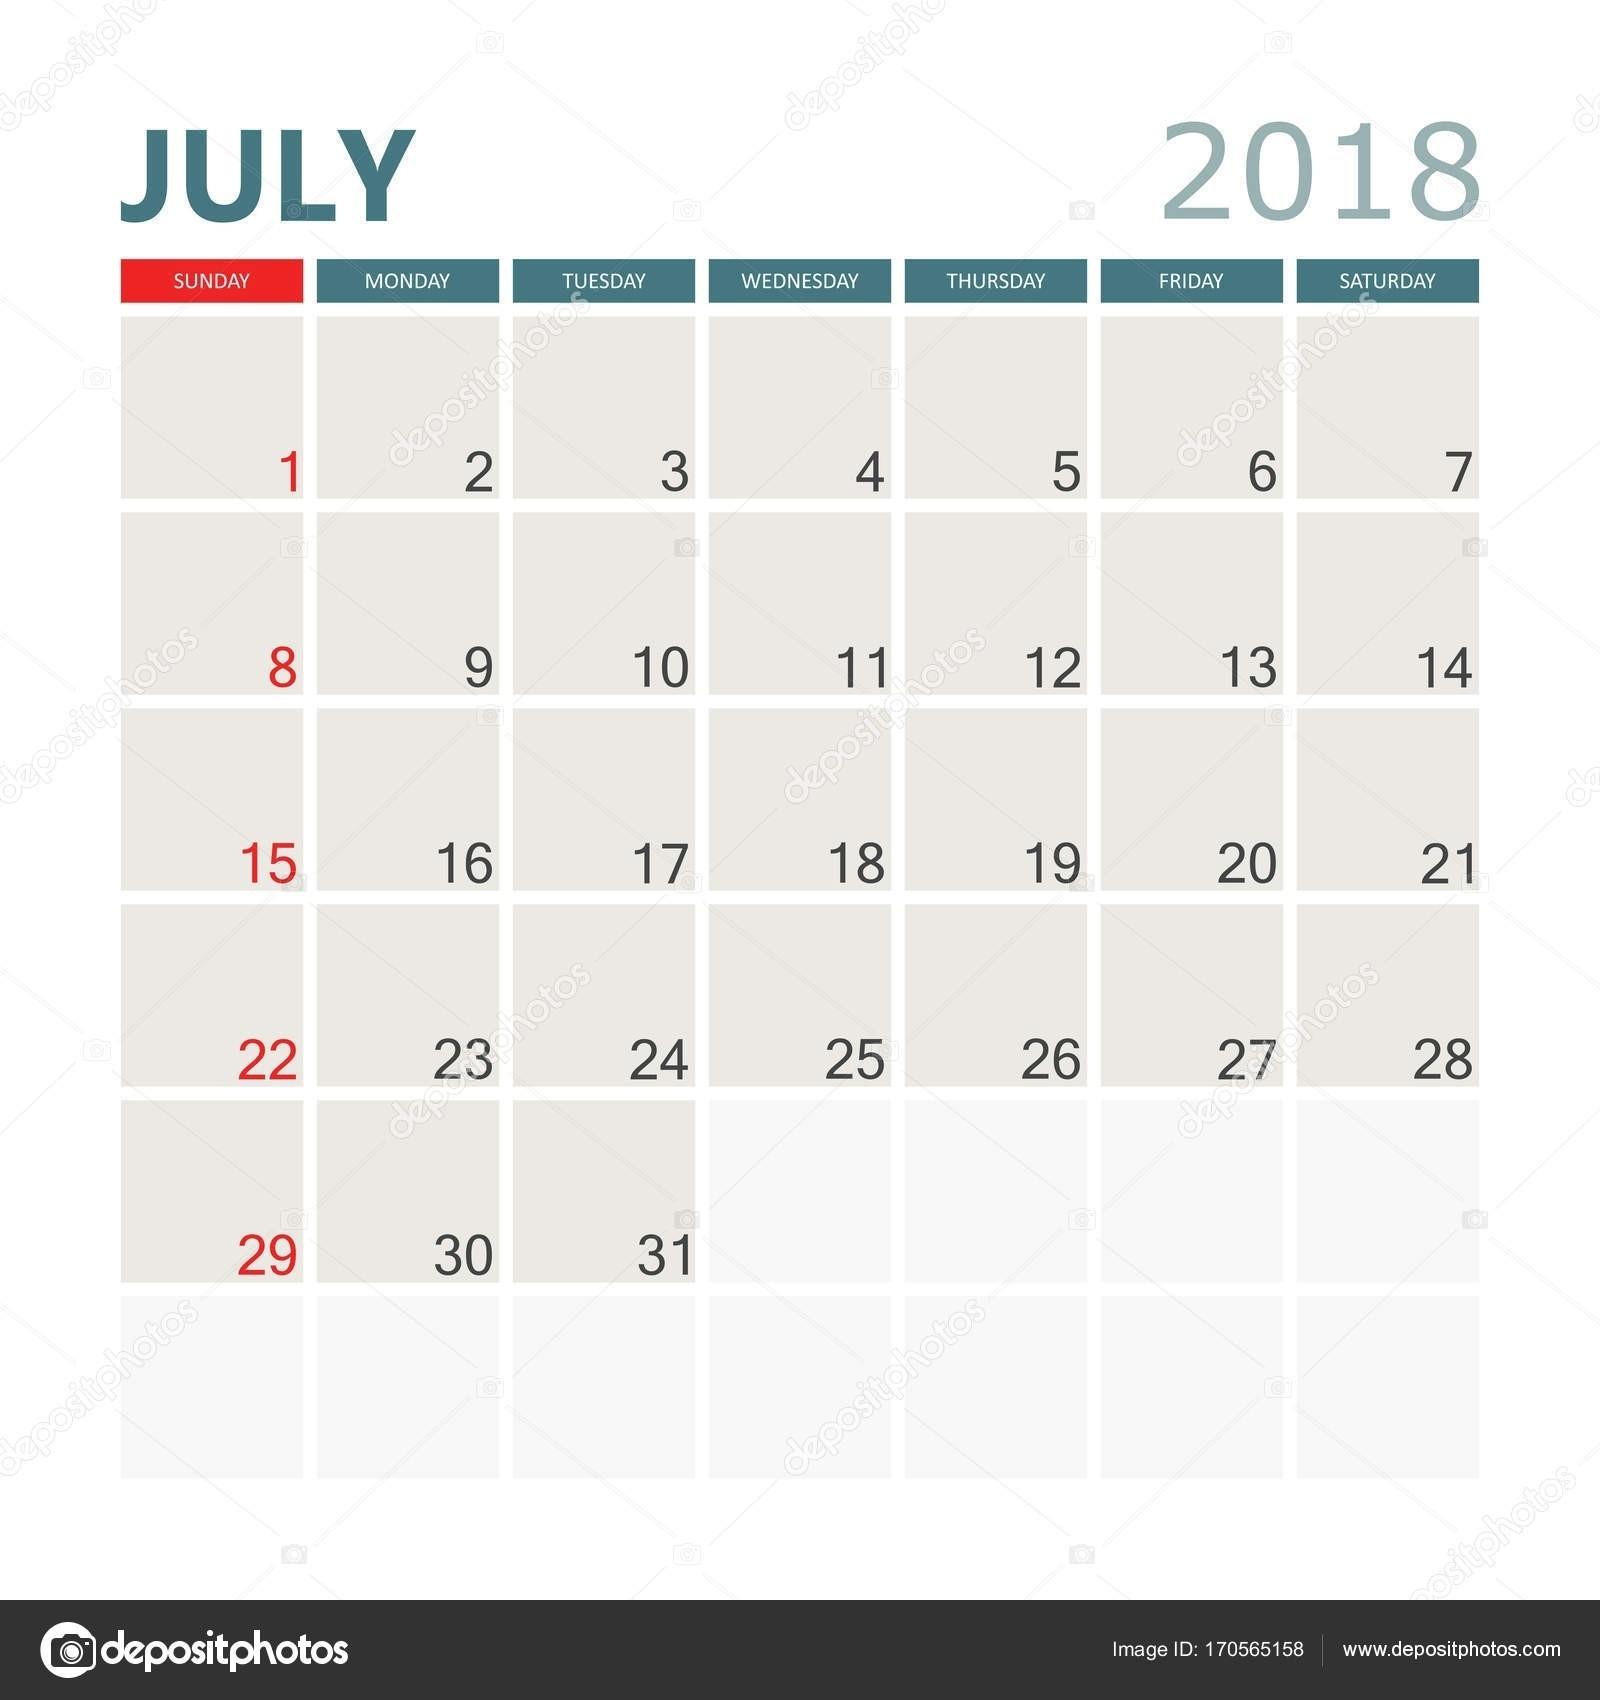 Collect Depo-Provera Calendar Printable Pdf | Calendar